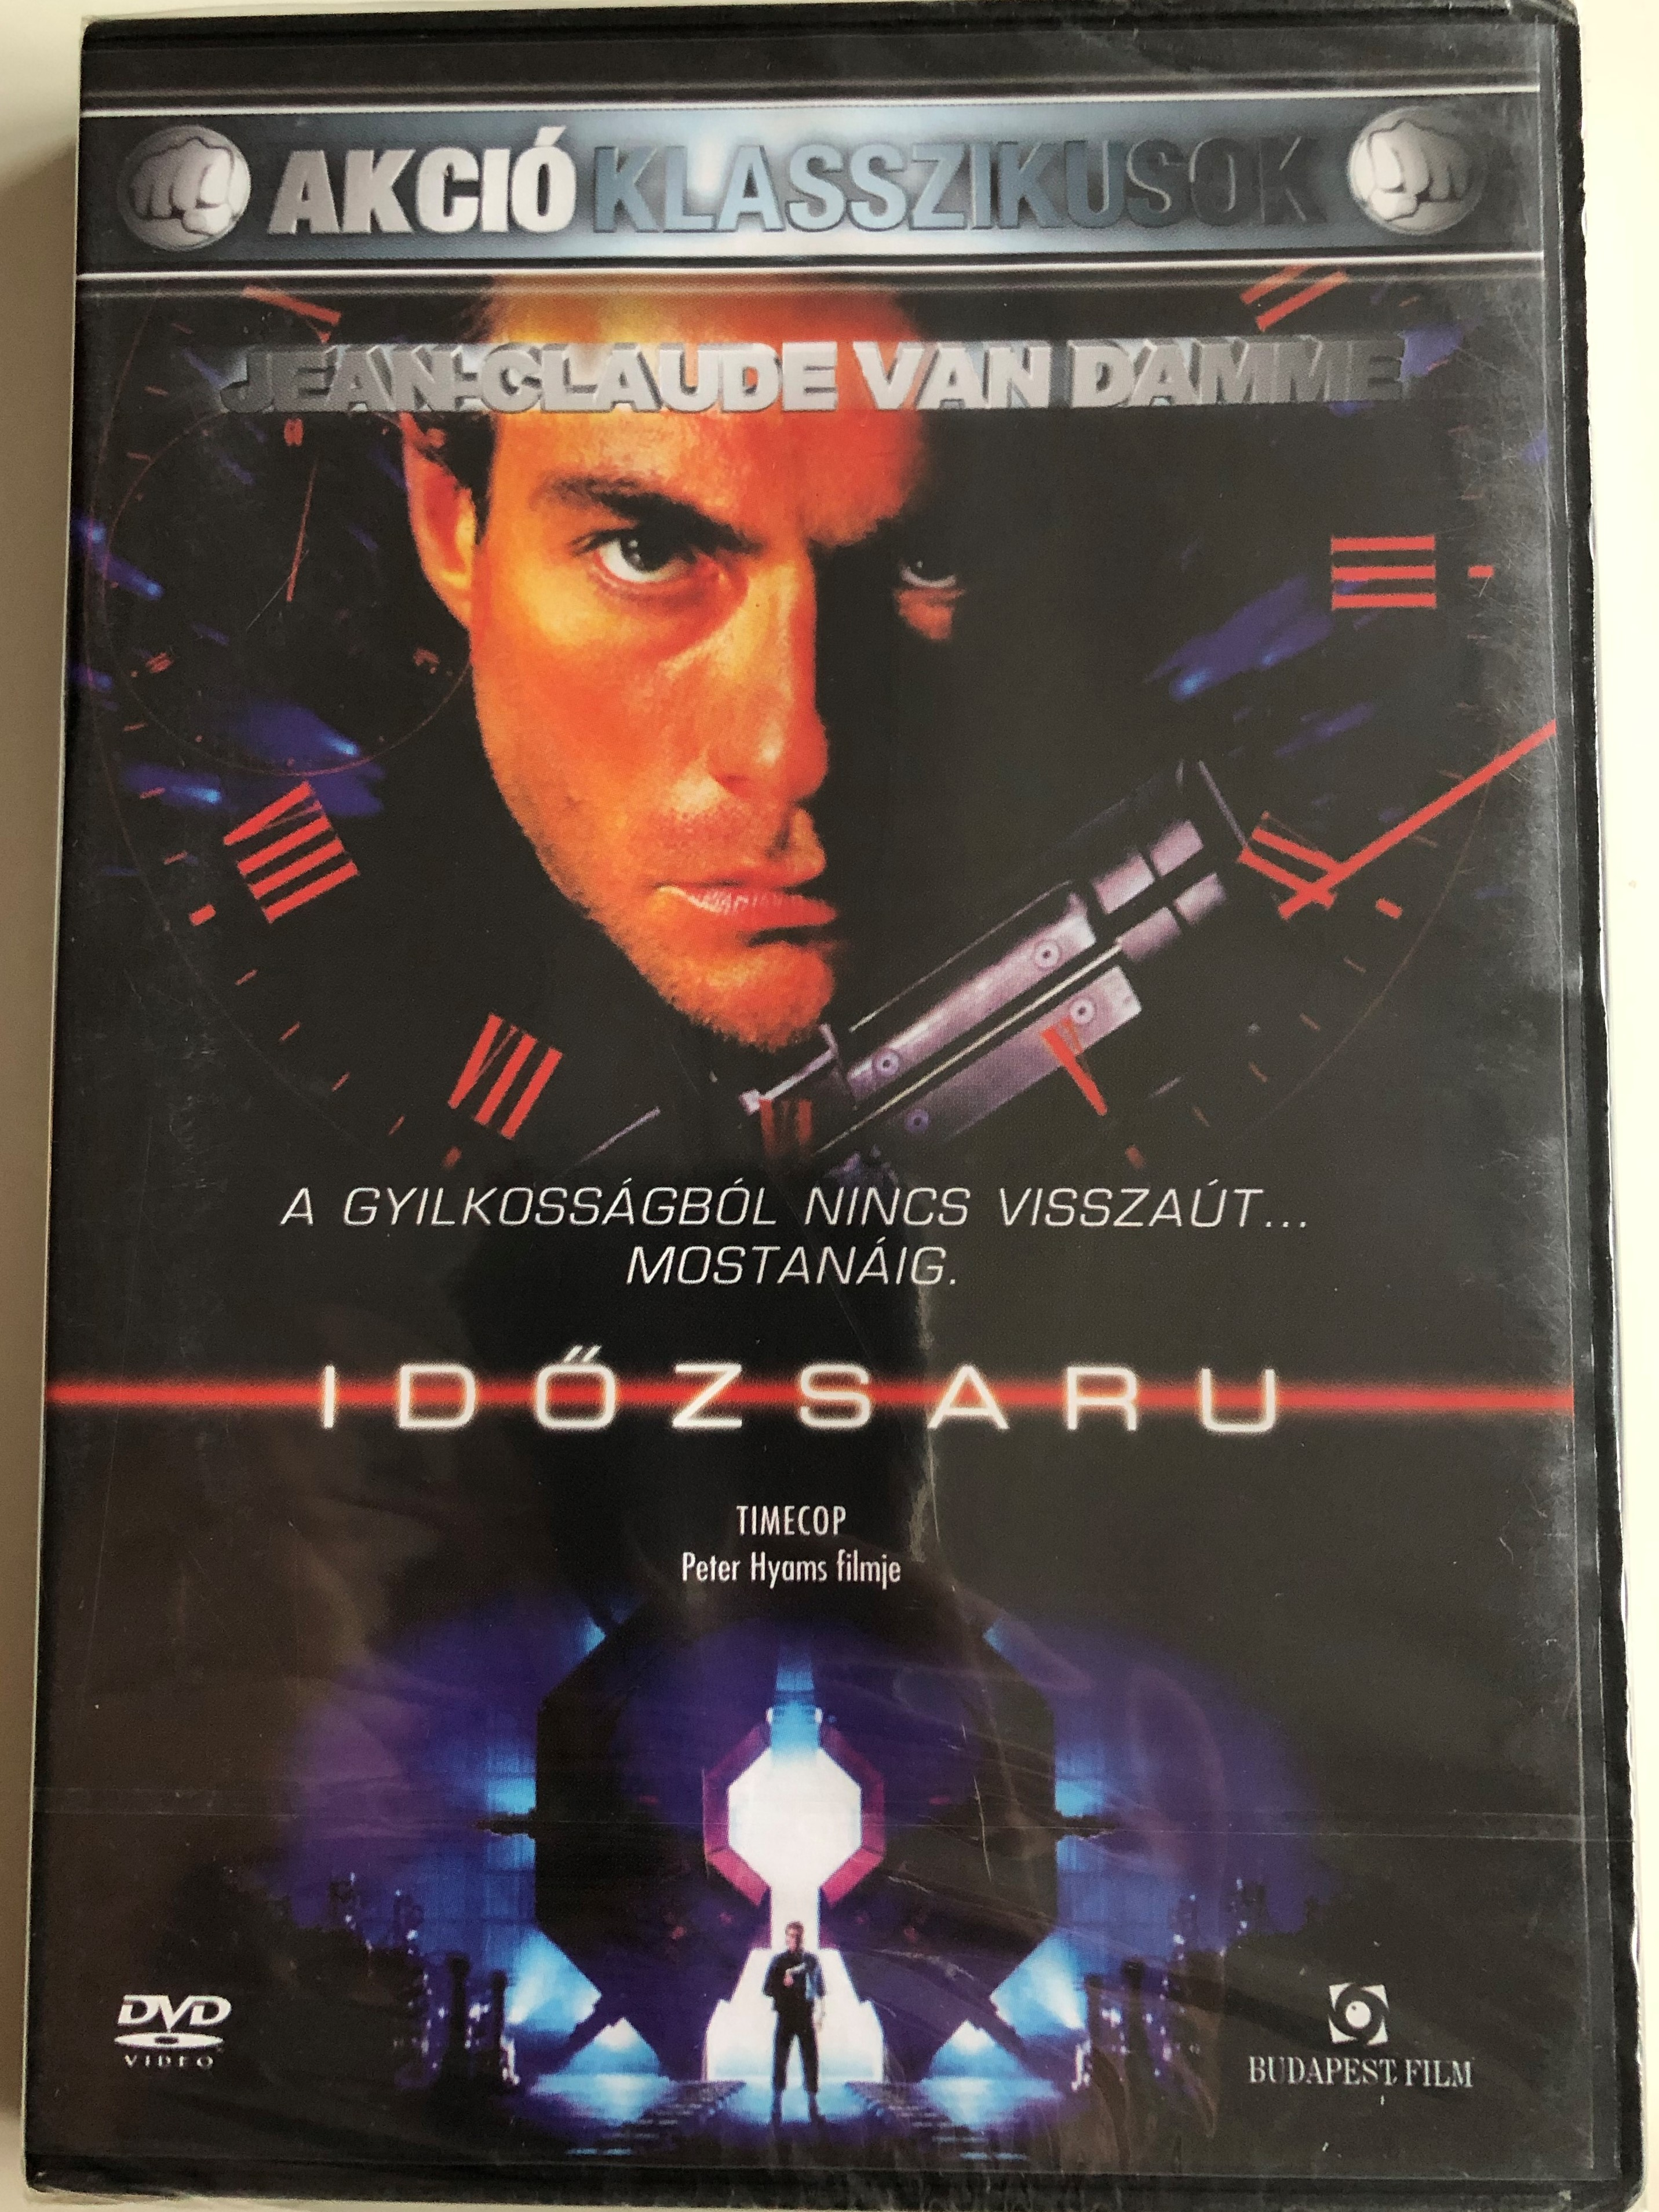 time-cop-dvd-1994-idozsaru-1.jpg